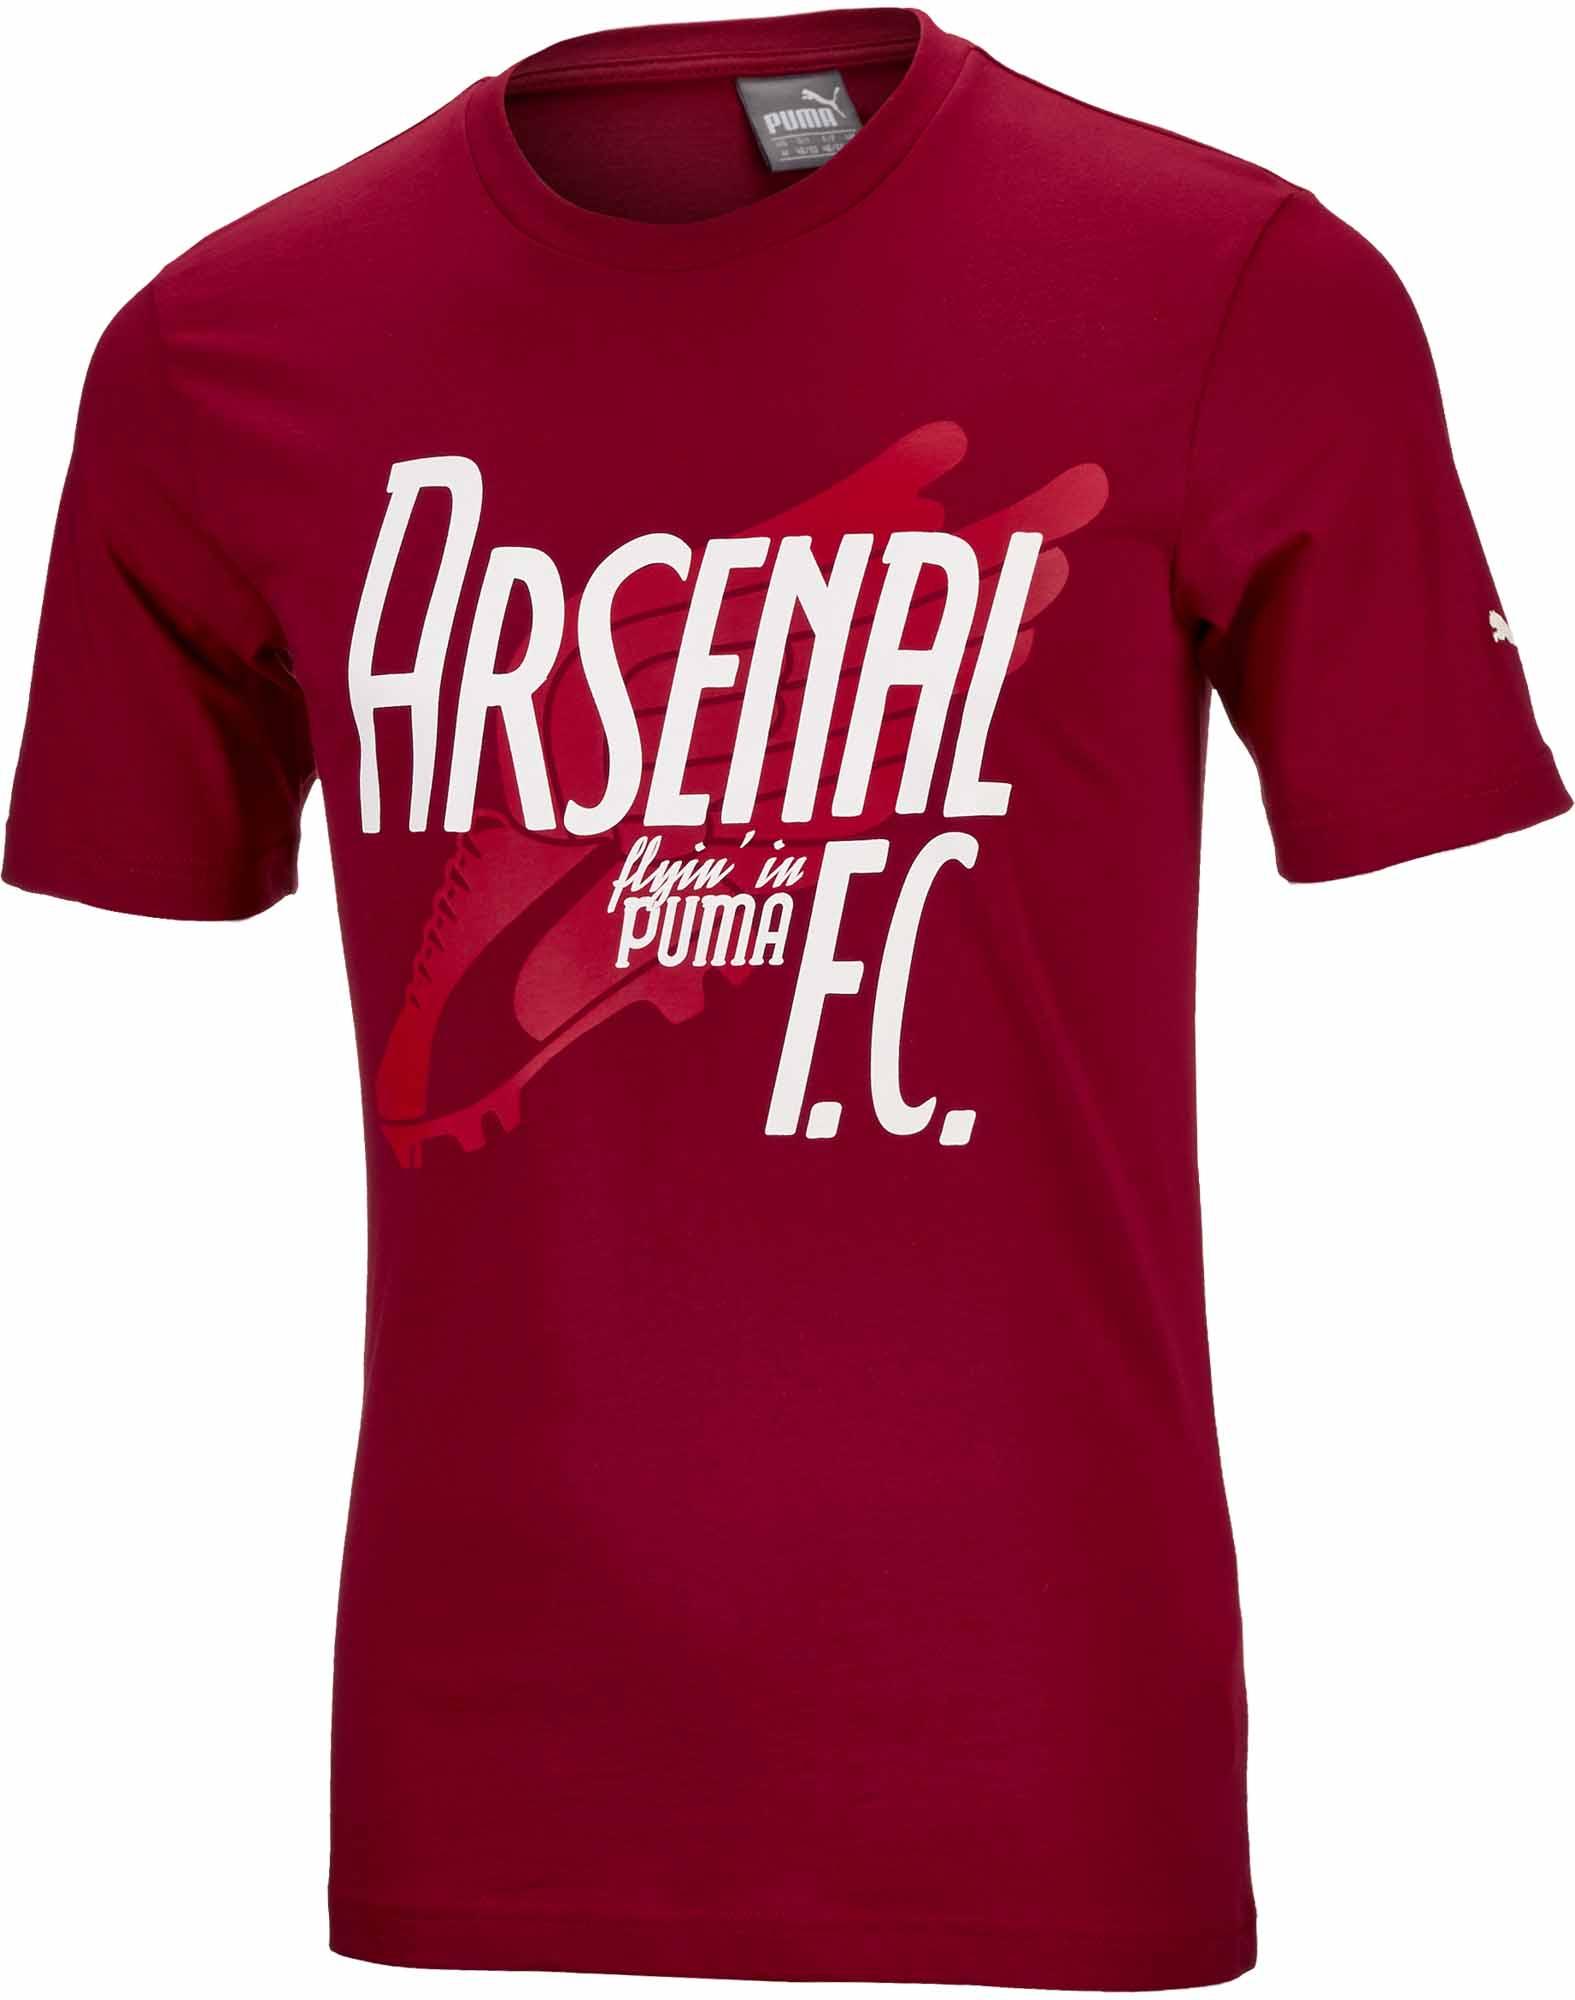 przedstawianie ceny detaliczne kody promocyjne Puma Arsenal Graphic Tee - Rio Red